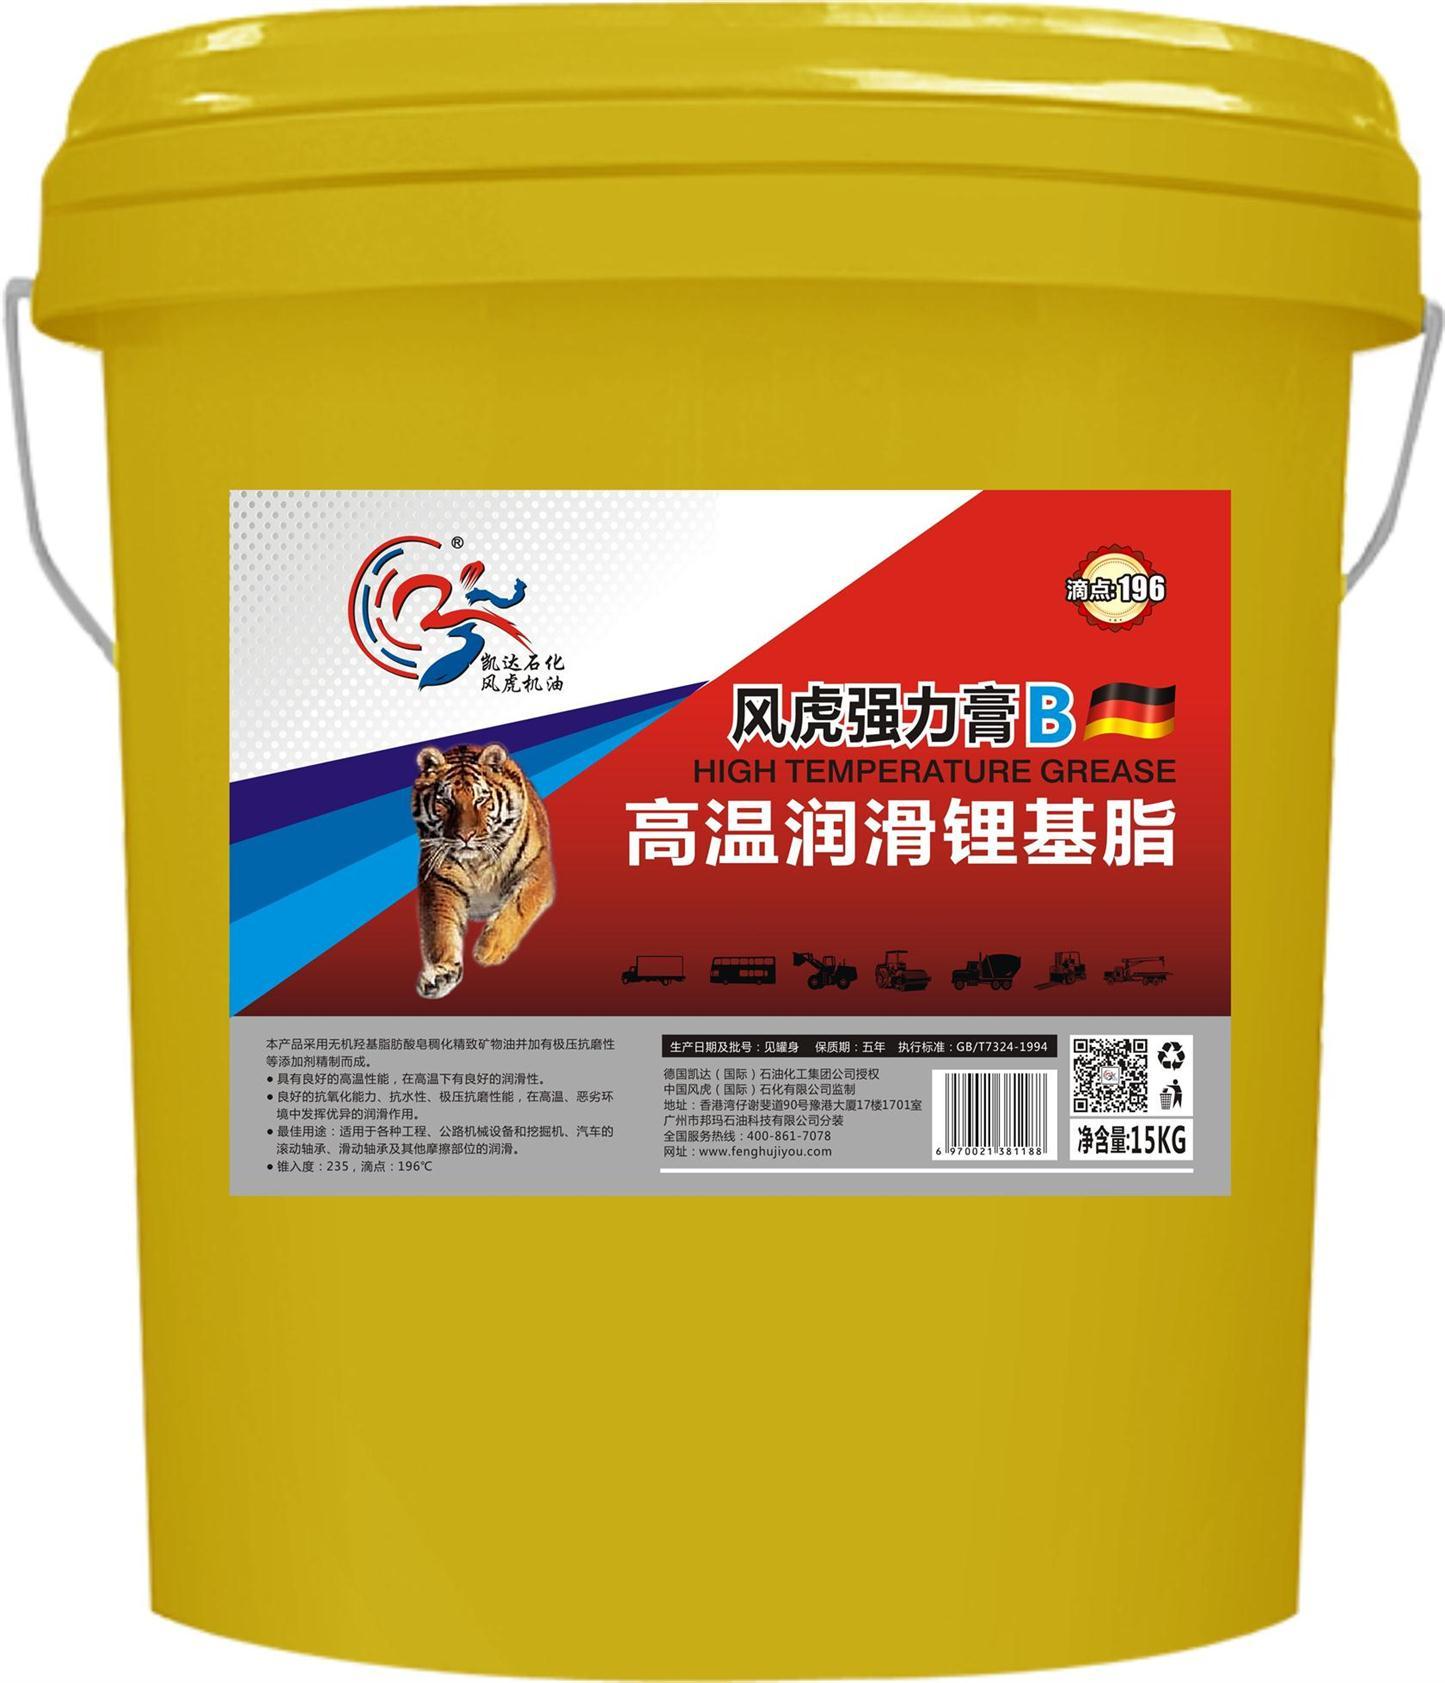 风虎魔力膏B,凯达锂基脂B级,润滑脂